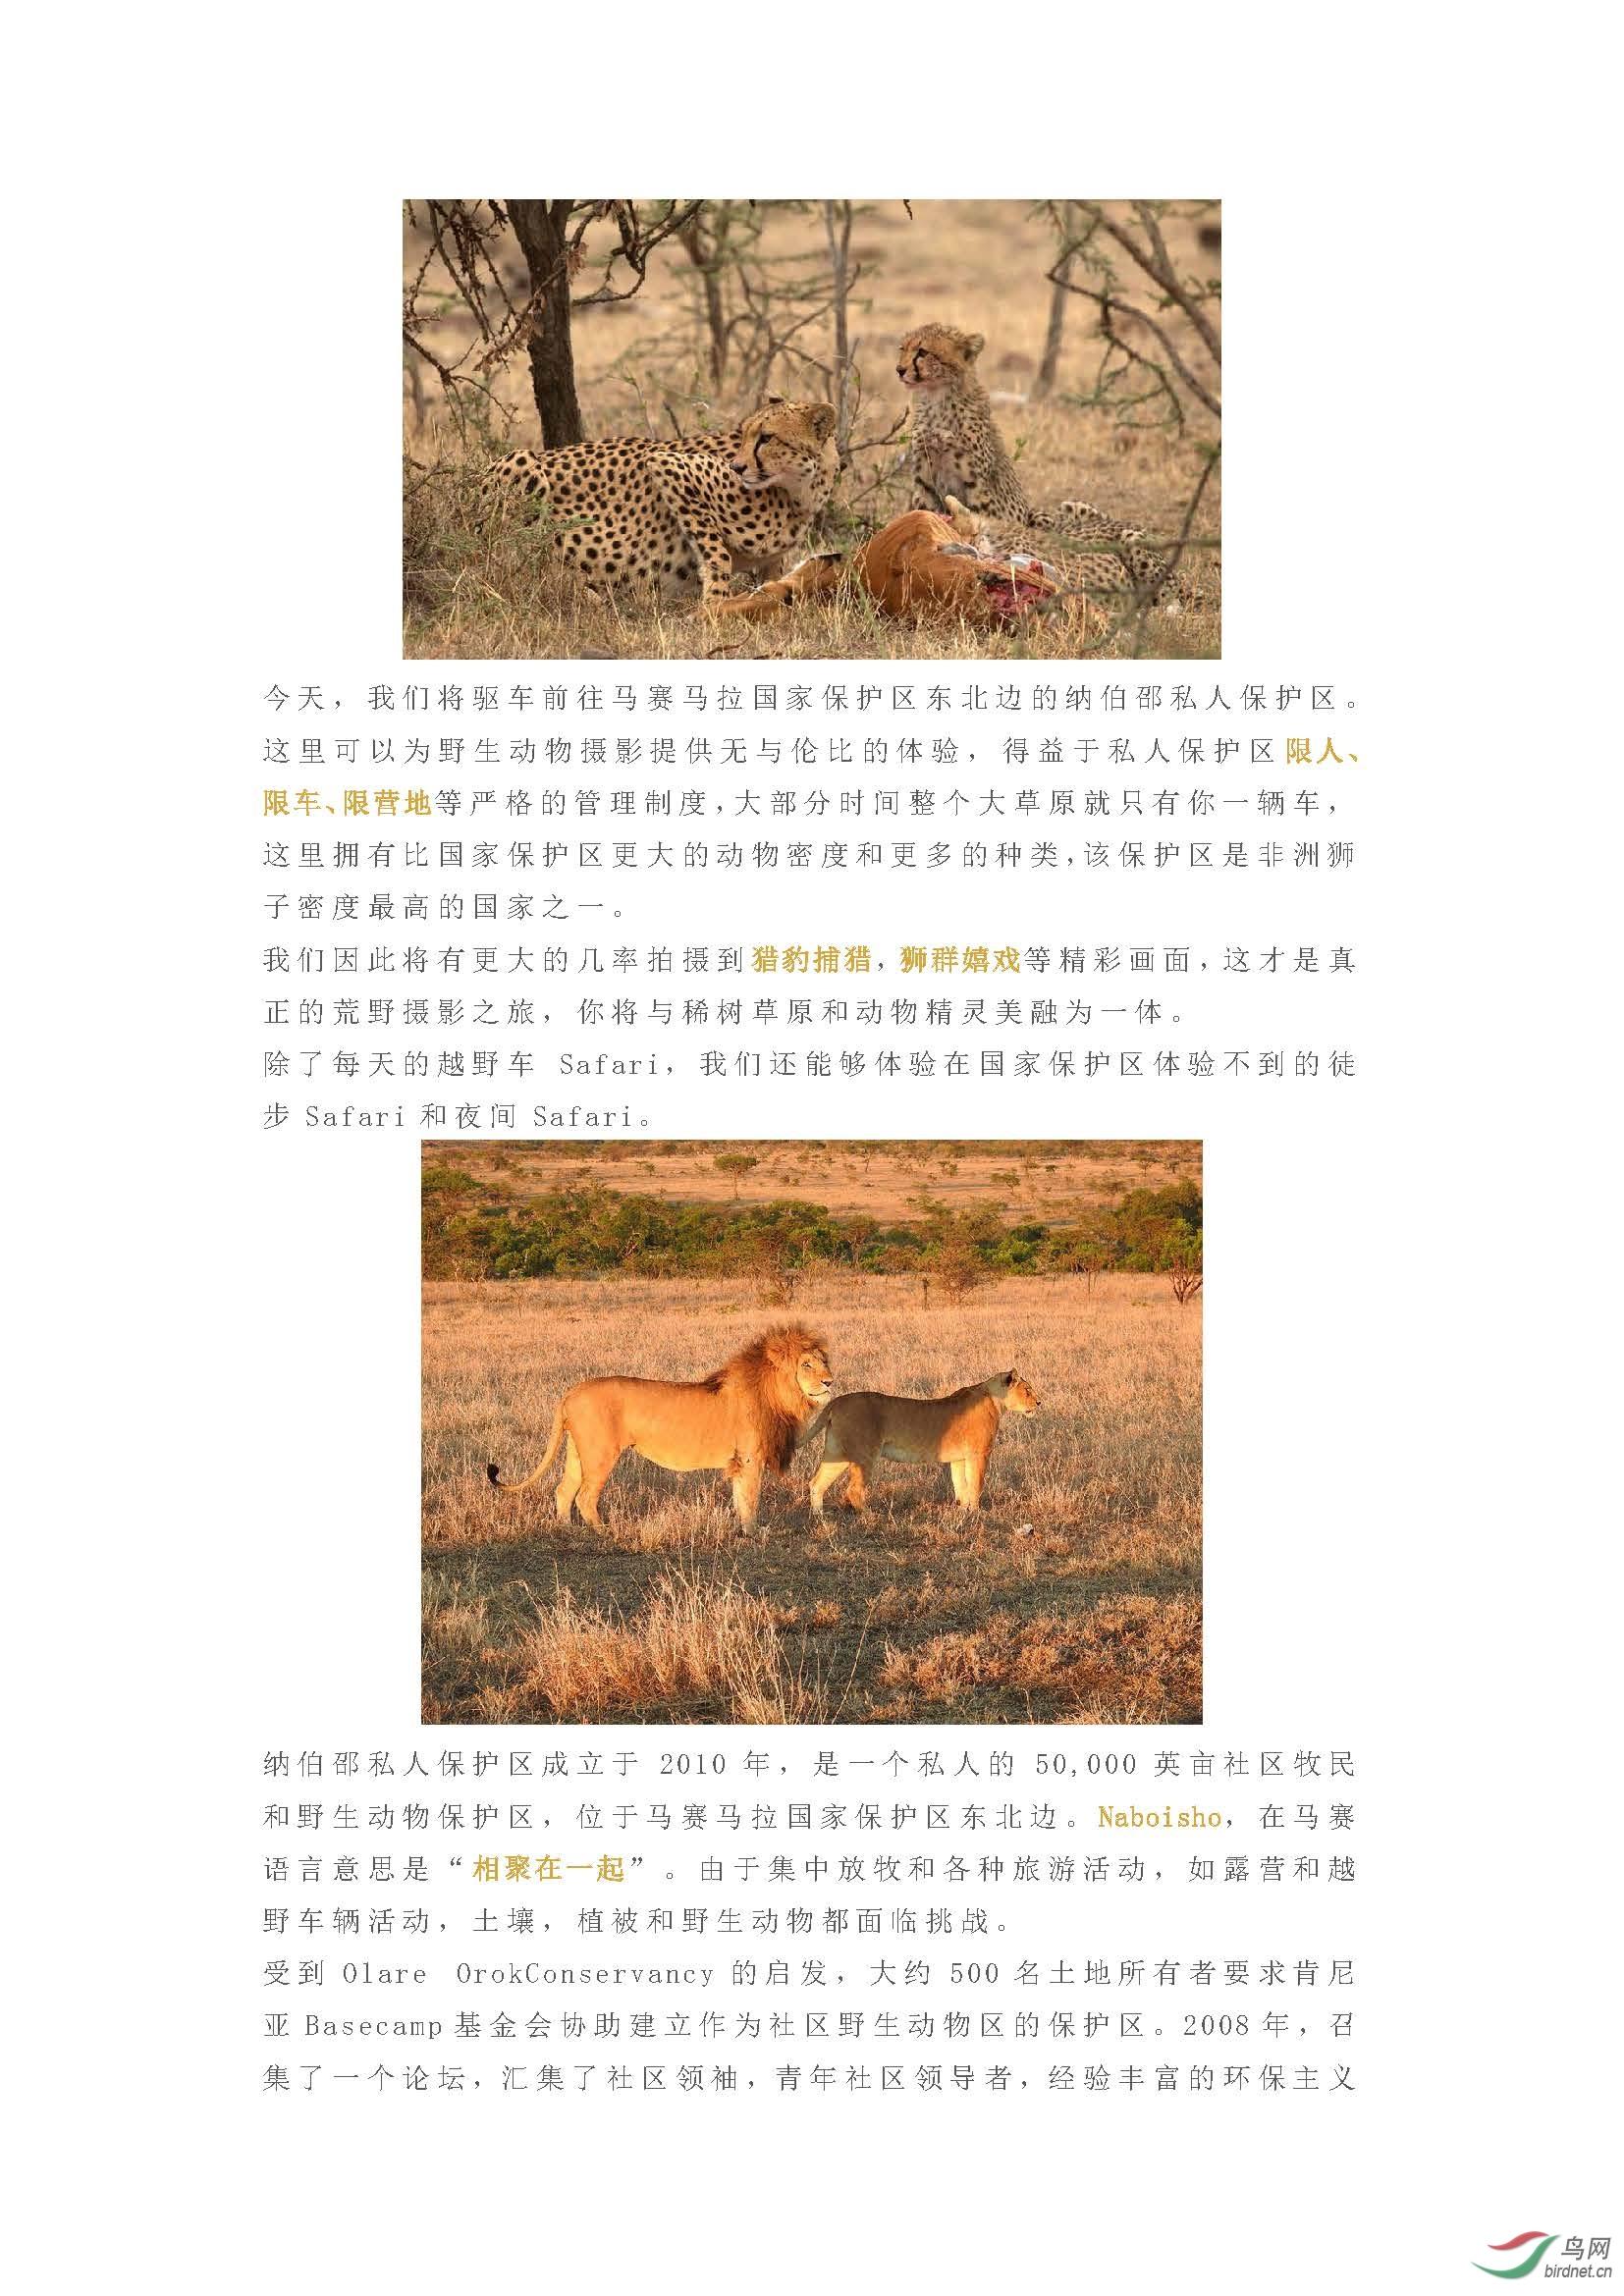 2019 国庆团  与迪士尼自然摄影师,国庆一起到非洲拍摄真实的狮子王_页面_07.jpg